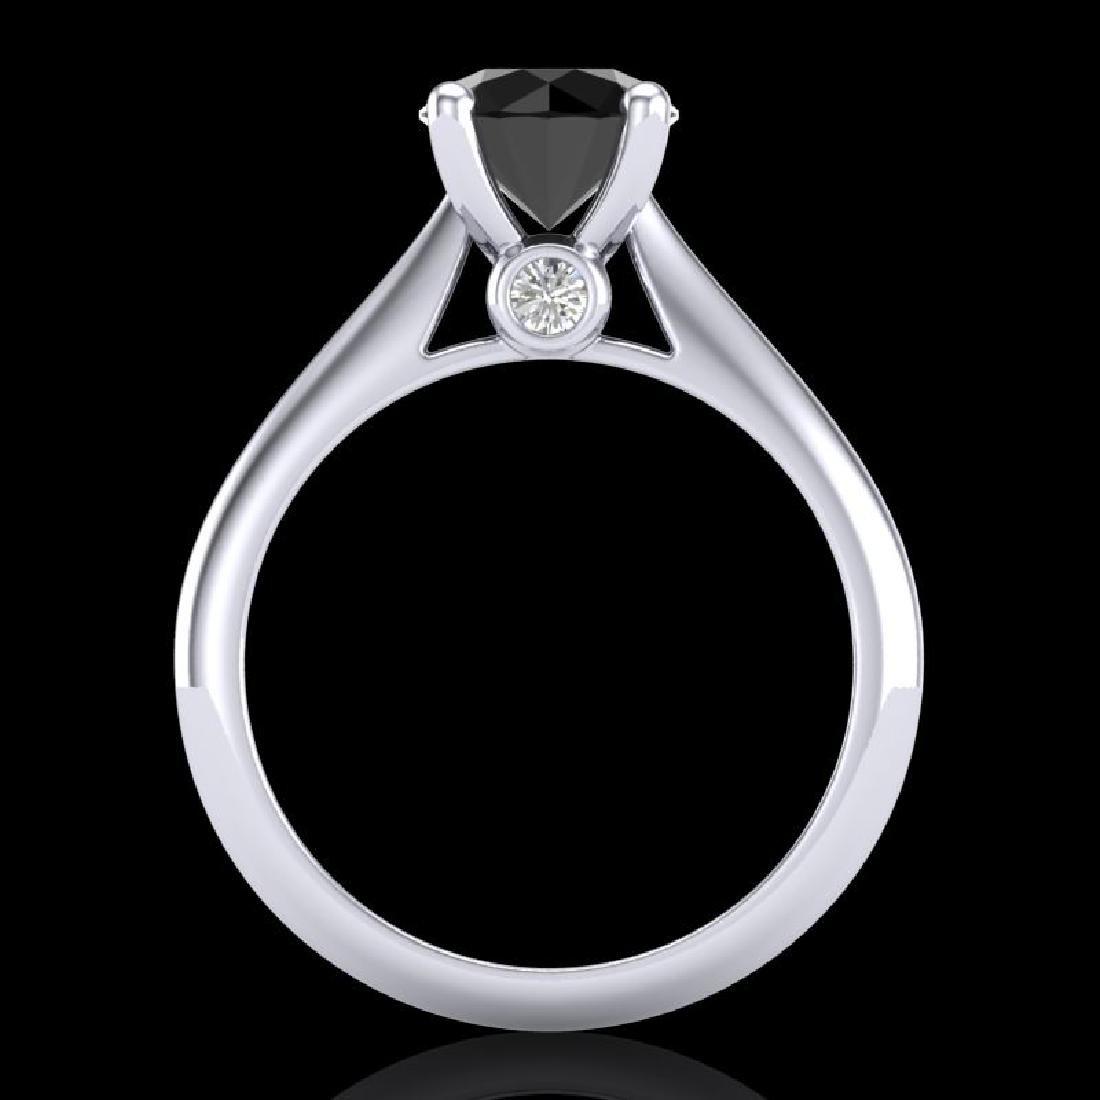 1.6 CTW Fancy Black Diamond Solitaire Engagement Art - 3